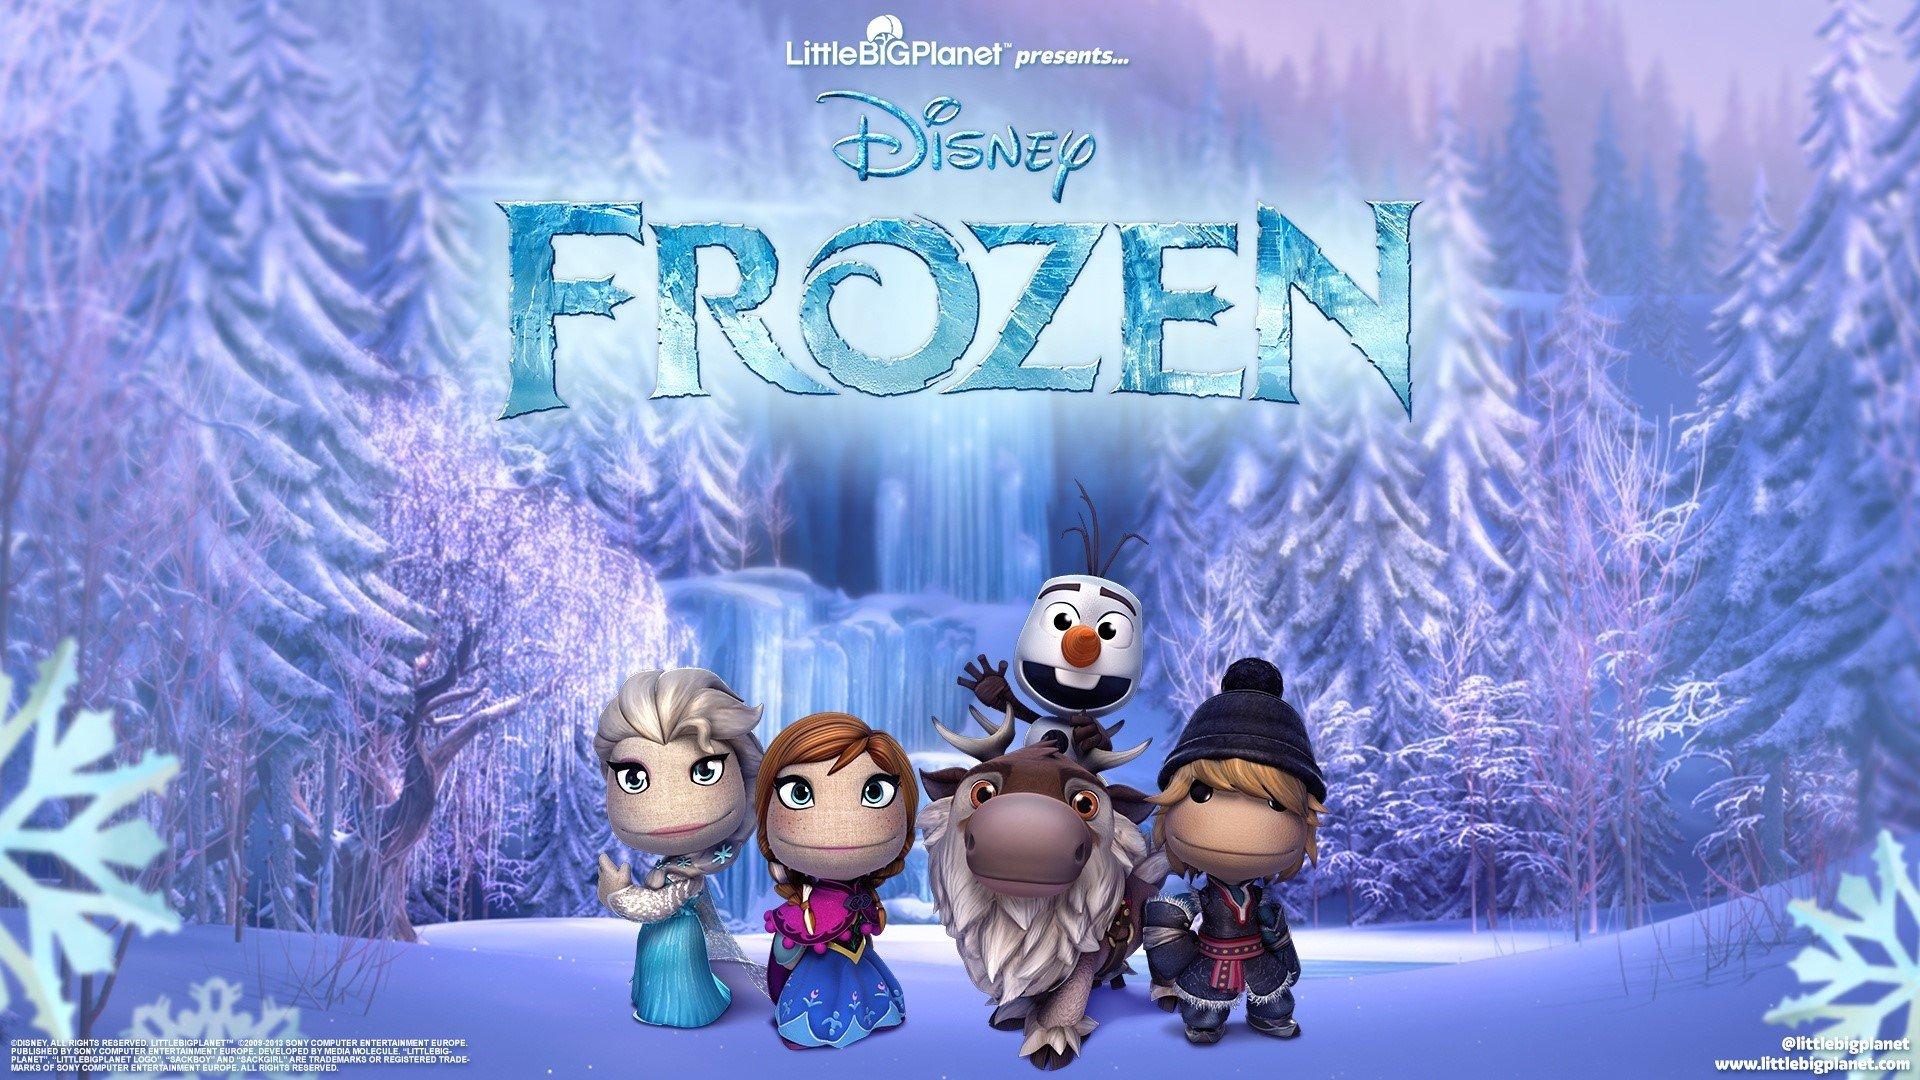 Fondo de pantalla de Personajes de Frozen en Littlebigplanet Imágenes